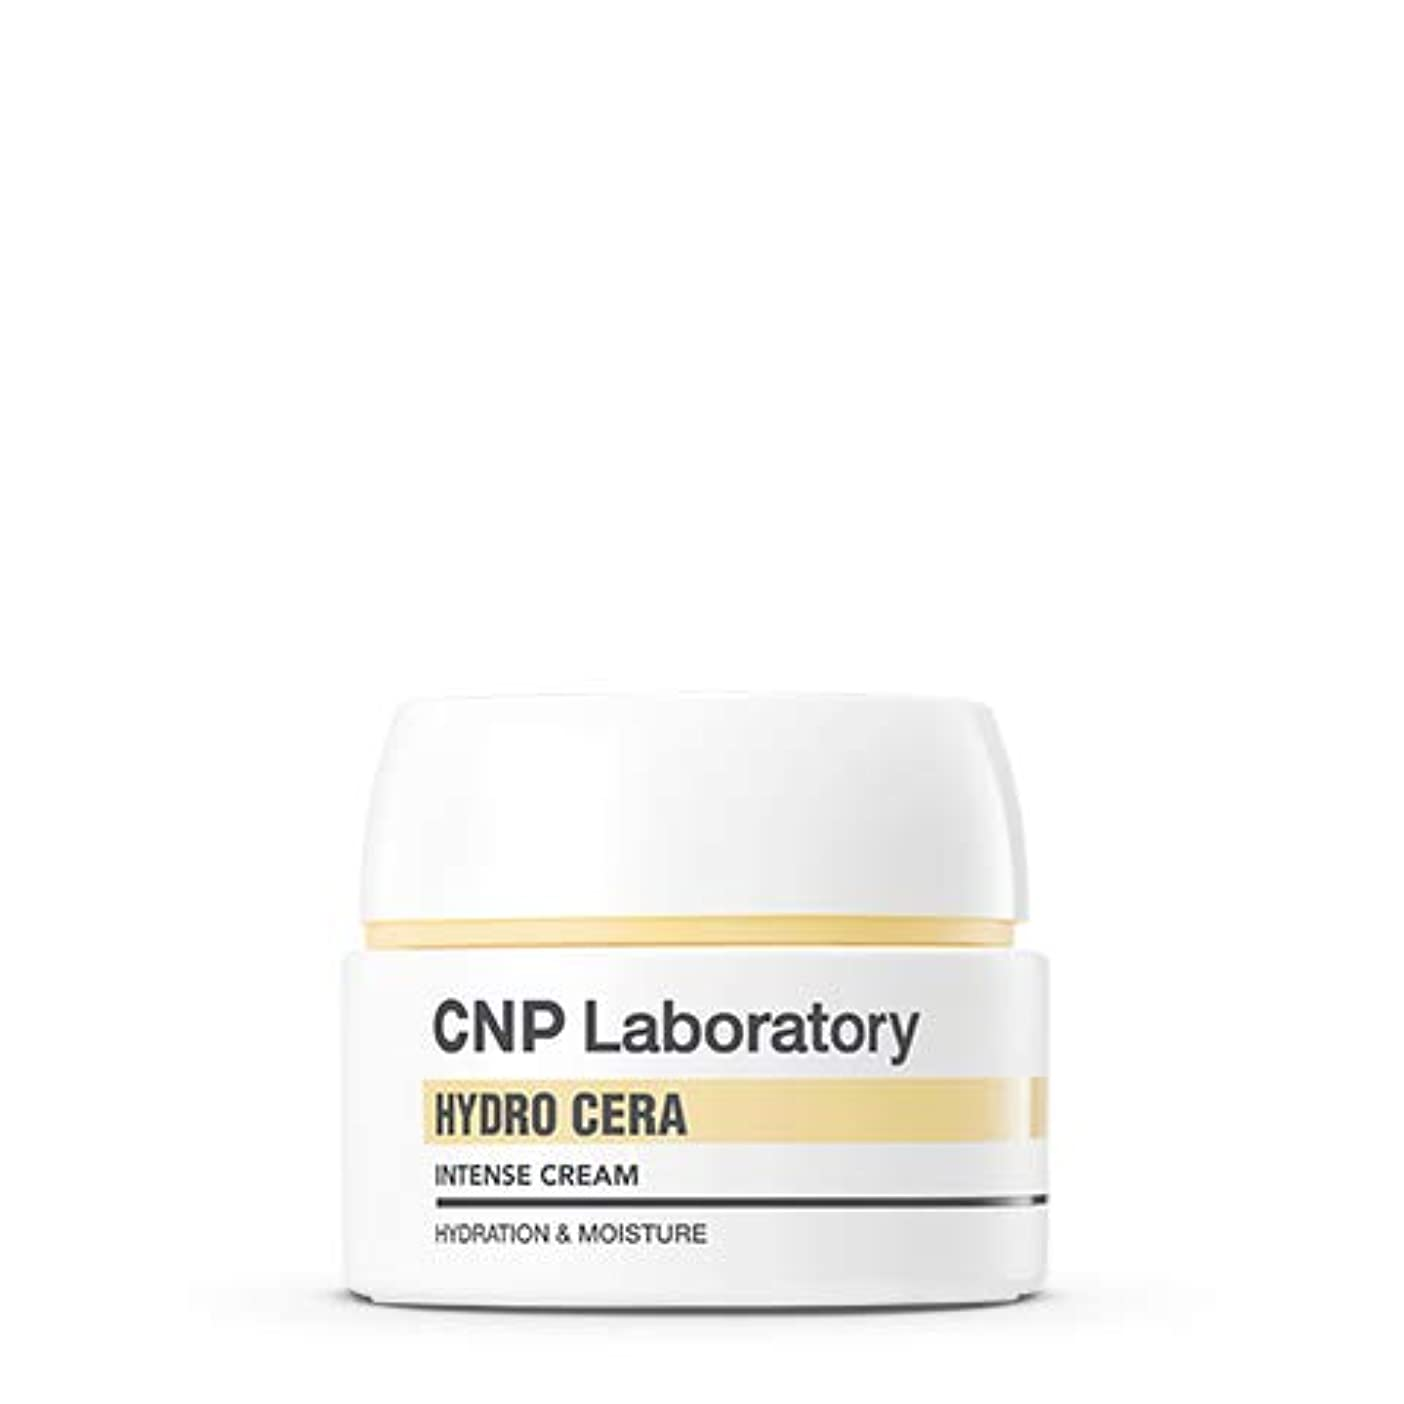 モザイク暗唱する今までCNP Laboratory ハイドロセラインテンスクリーム/Hydro Cera Intense Cream 50ml [並行輸入品]